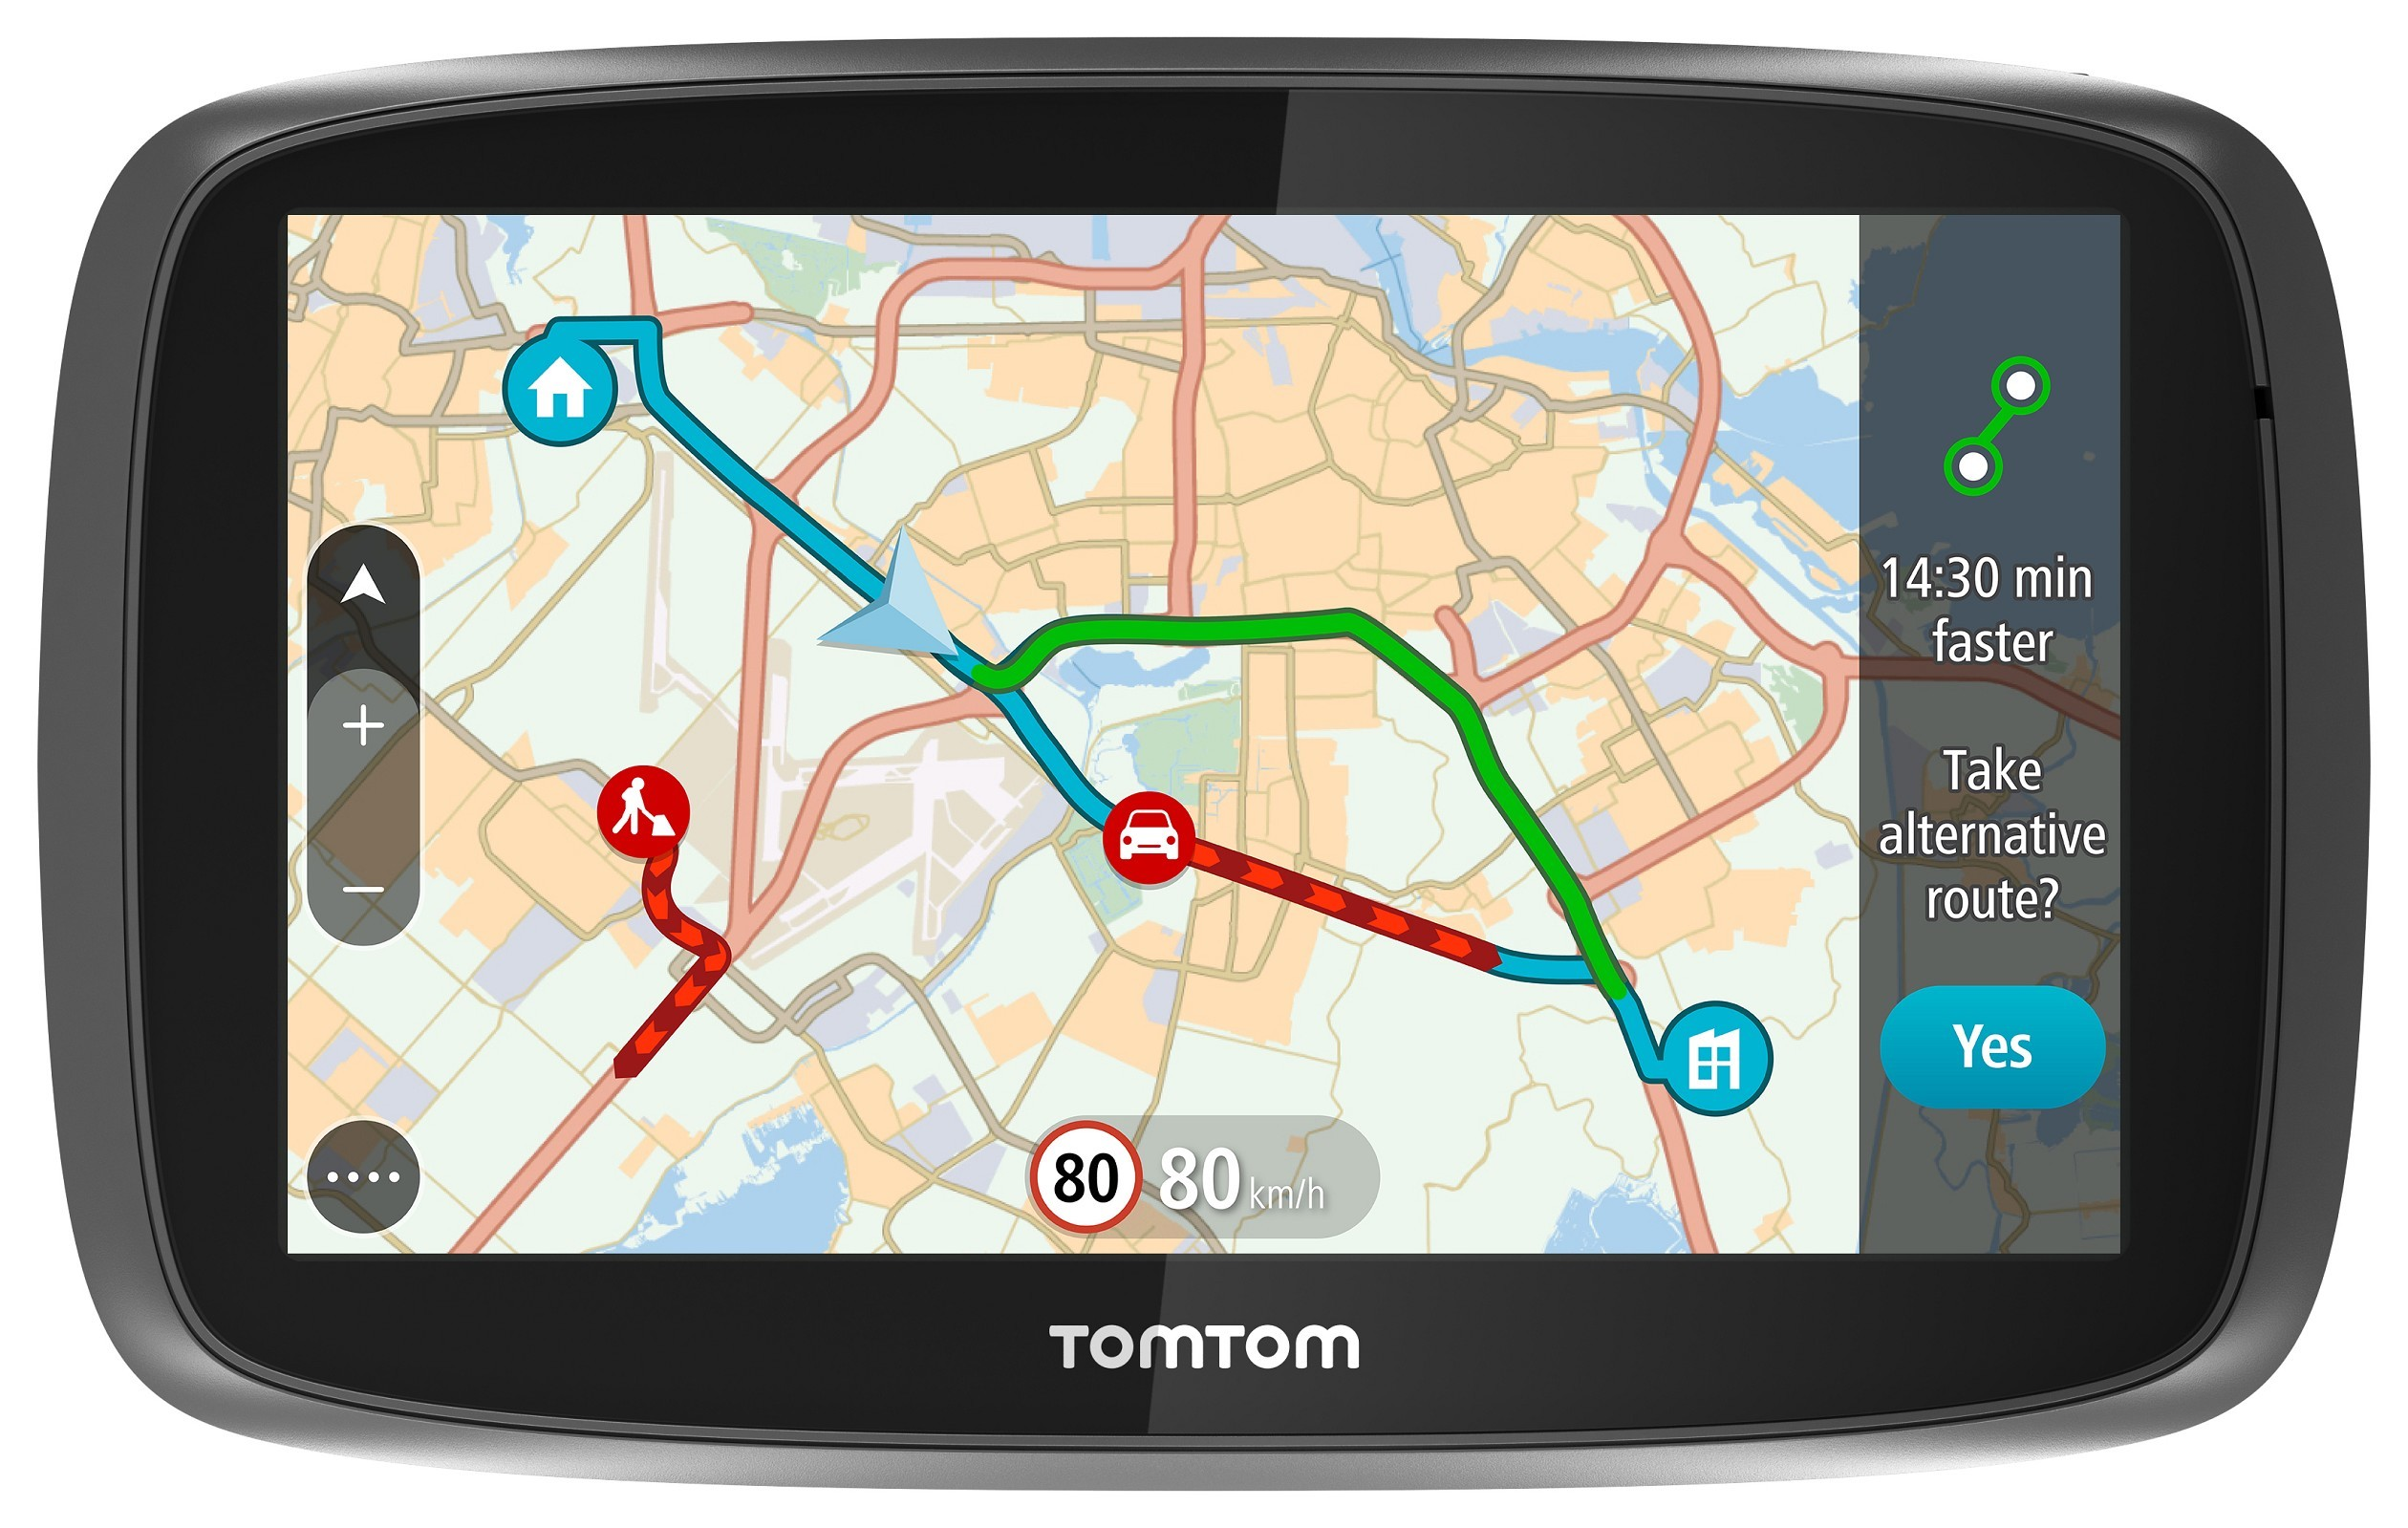 TomTom Maps | Tomtom com getstarted